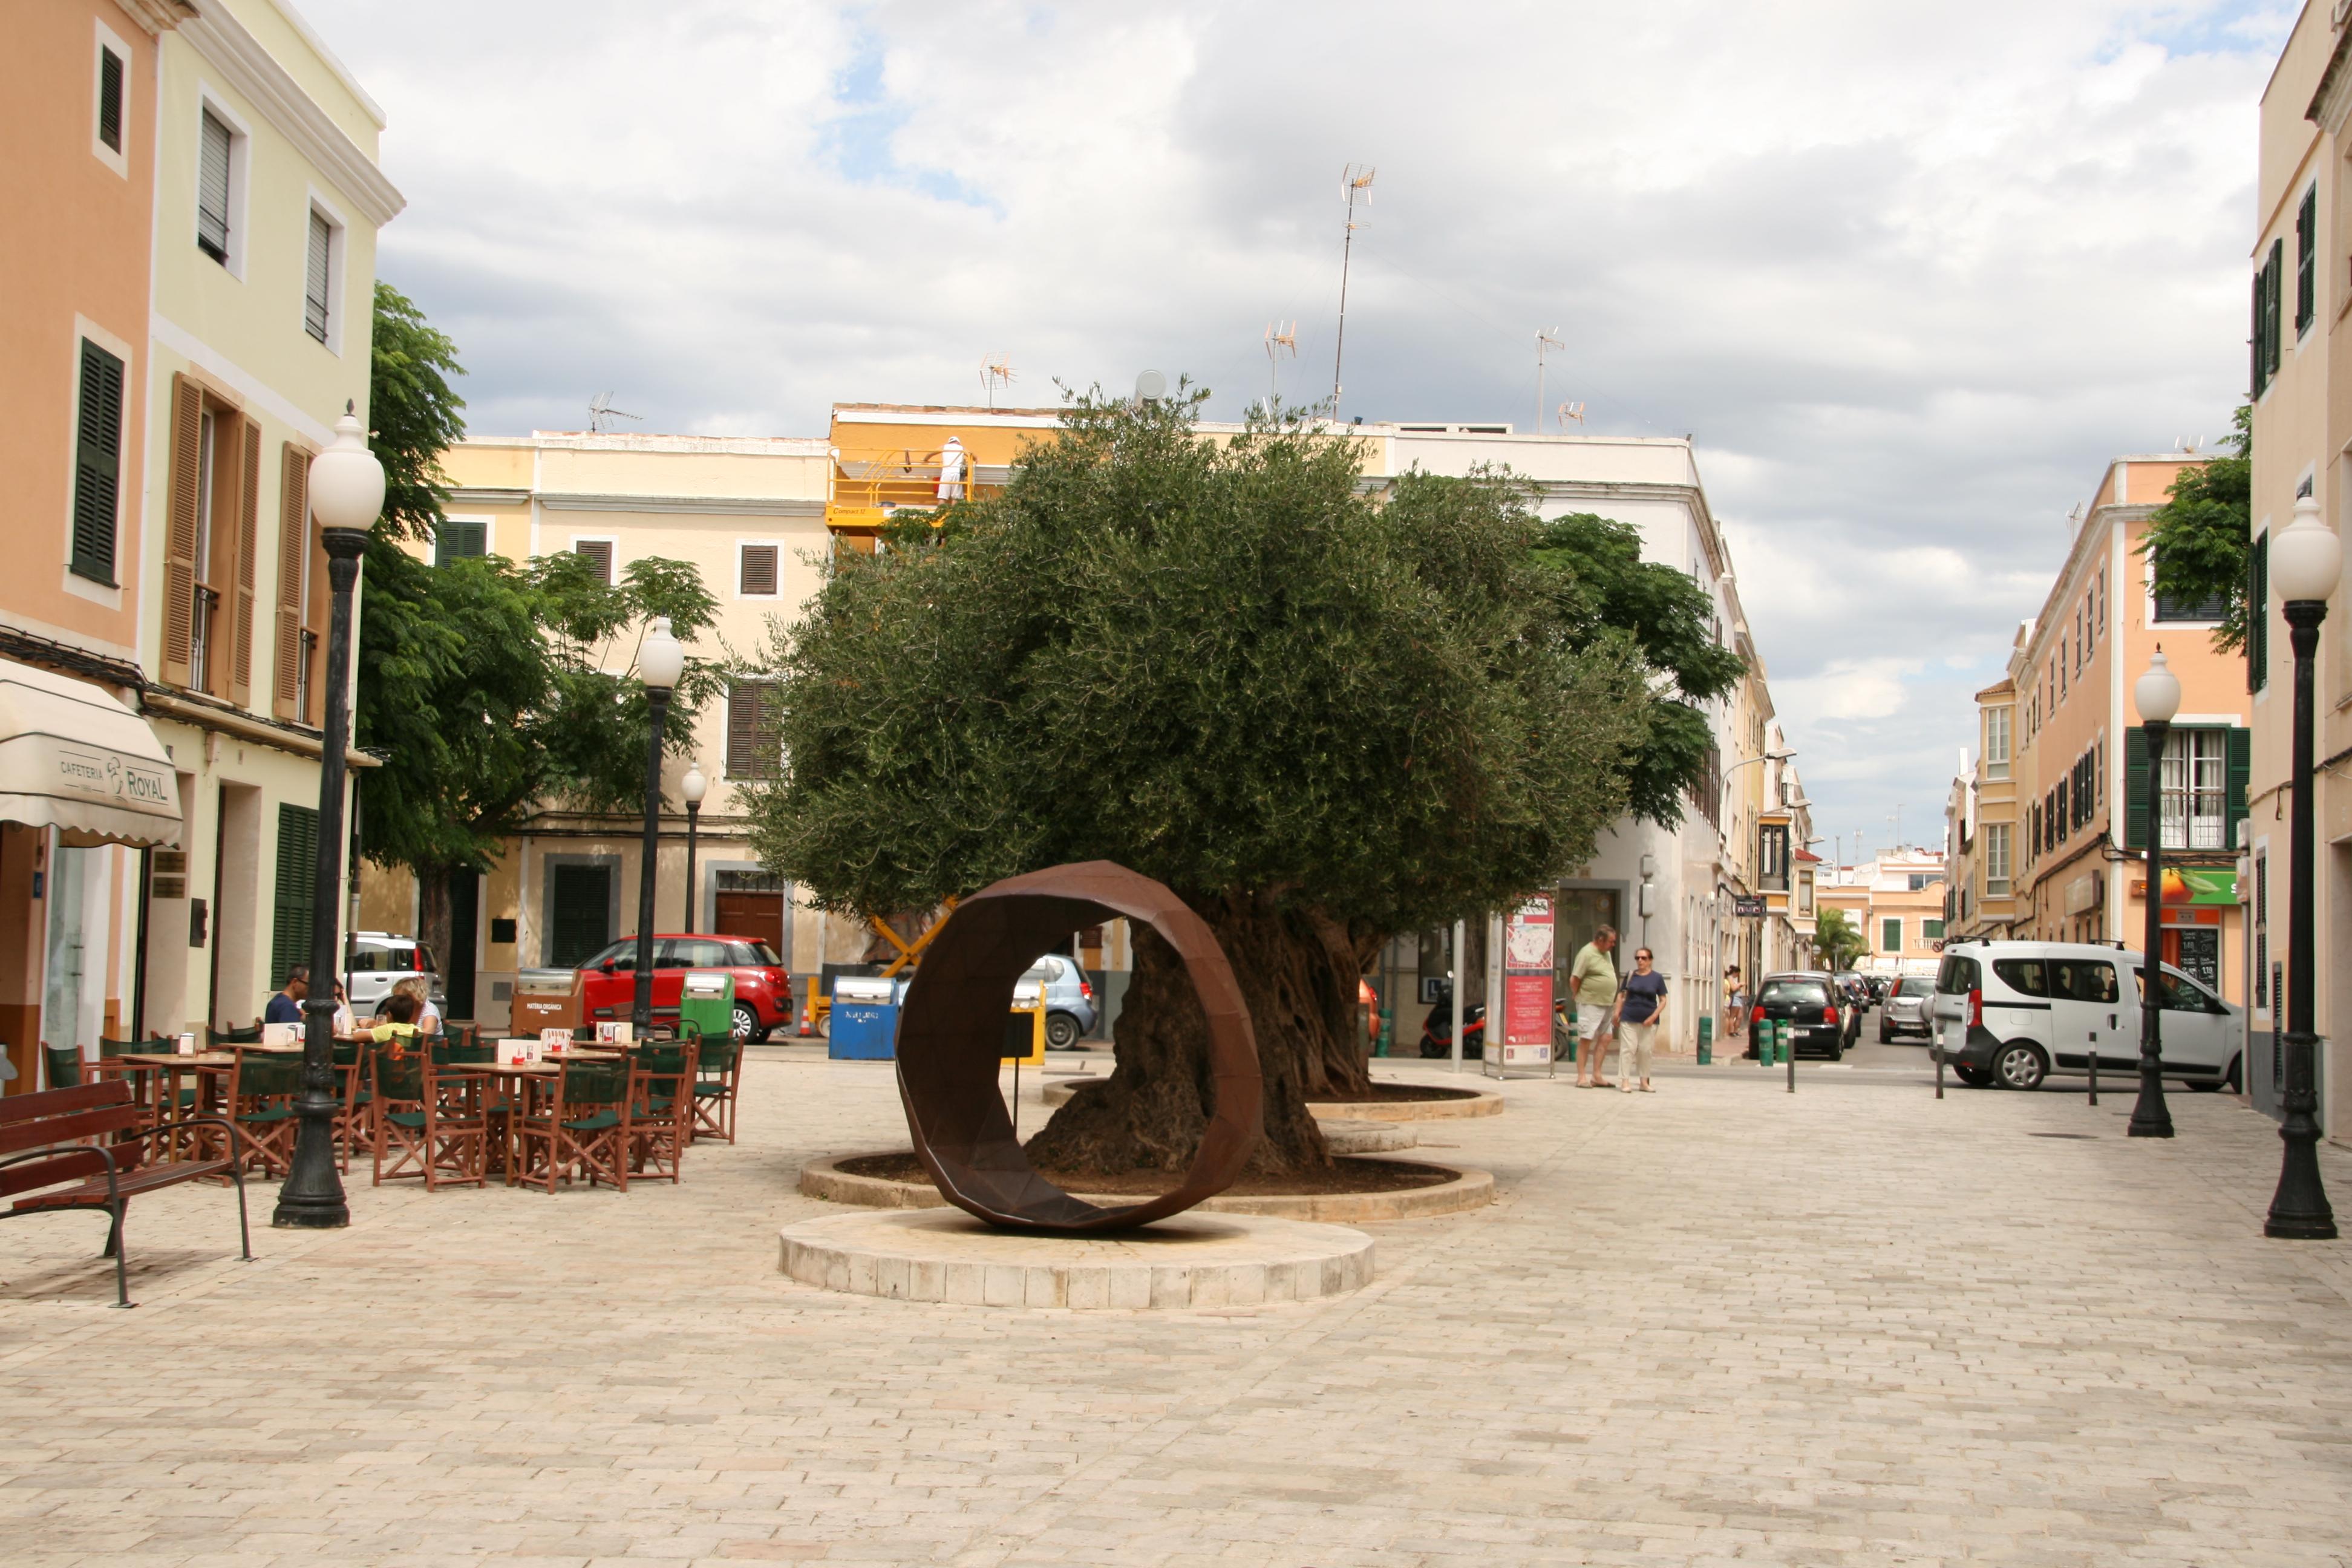 Archivo:Ciutadella de Menorca (29 de julio de 2014) 26.JPG ...